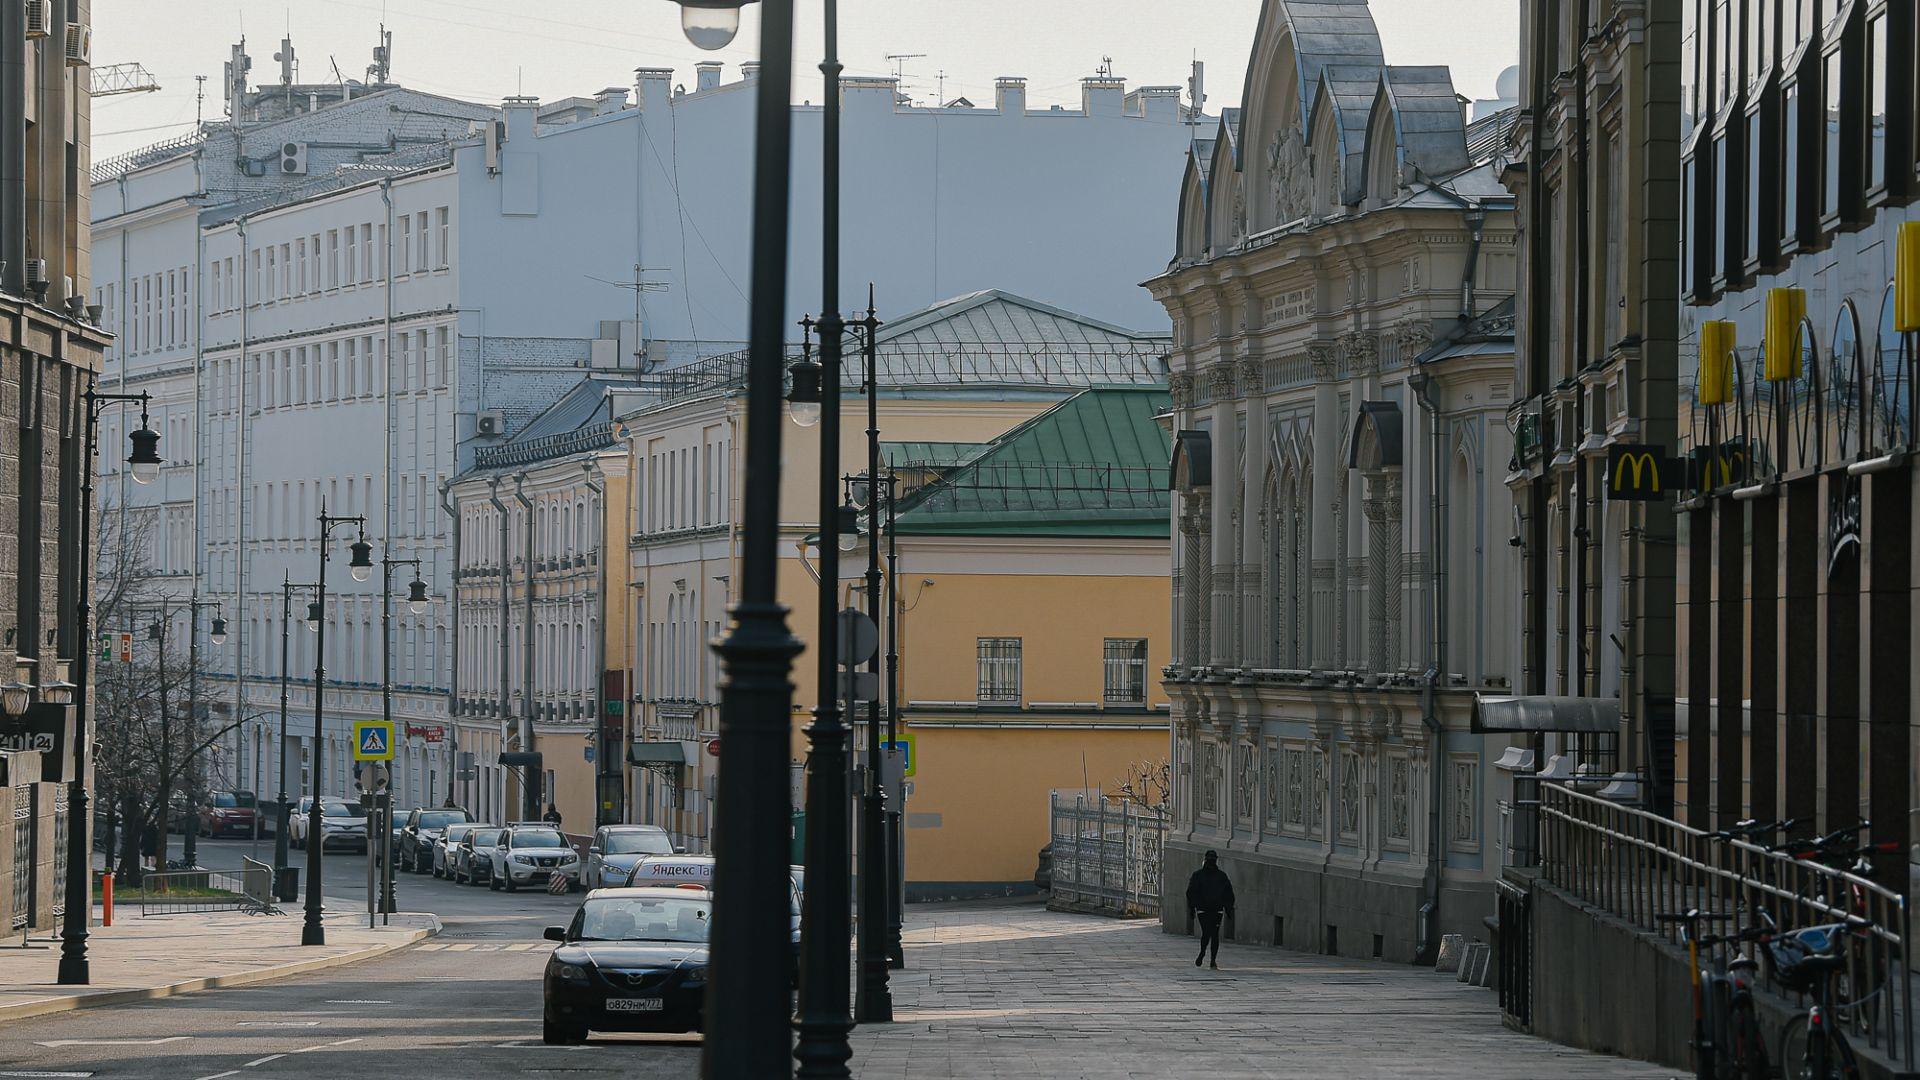 Очакват между 9 и 25 млн. безработни в Русия от кризата с коронавируса